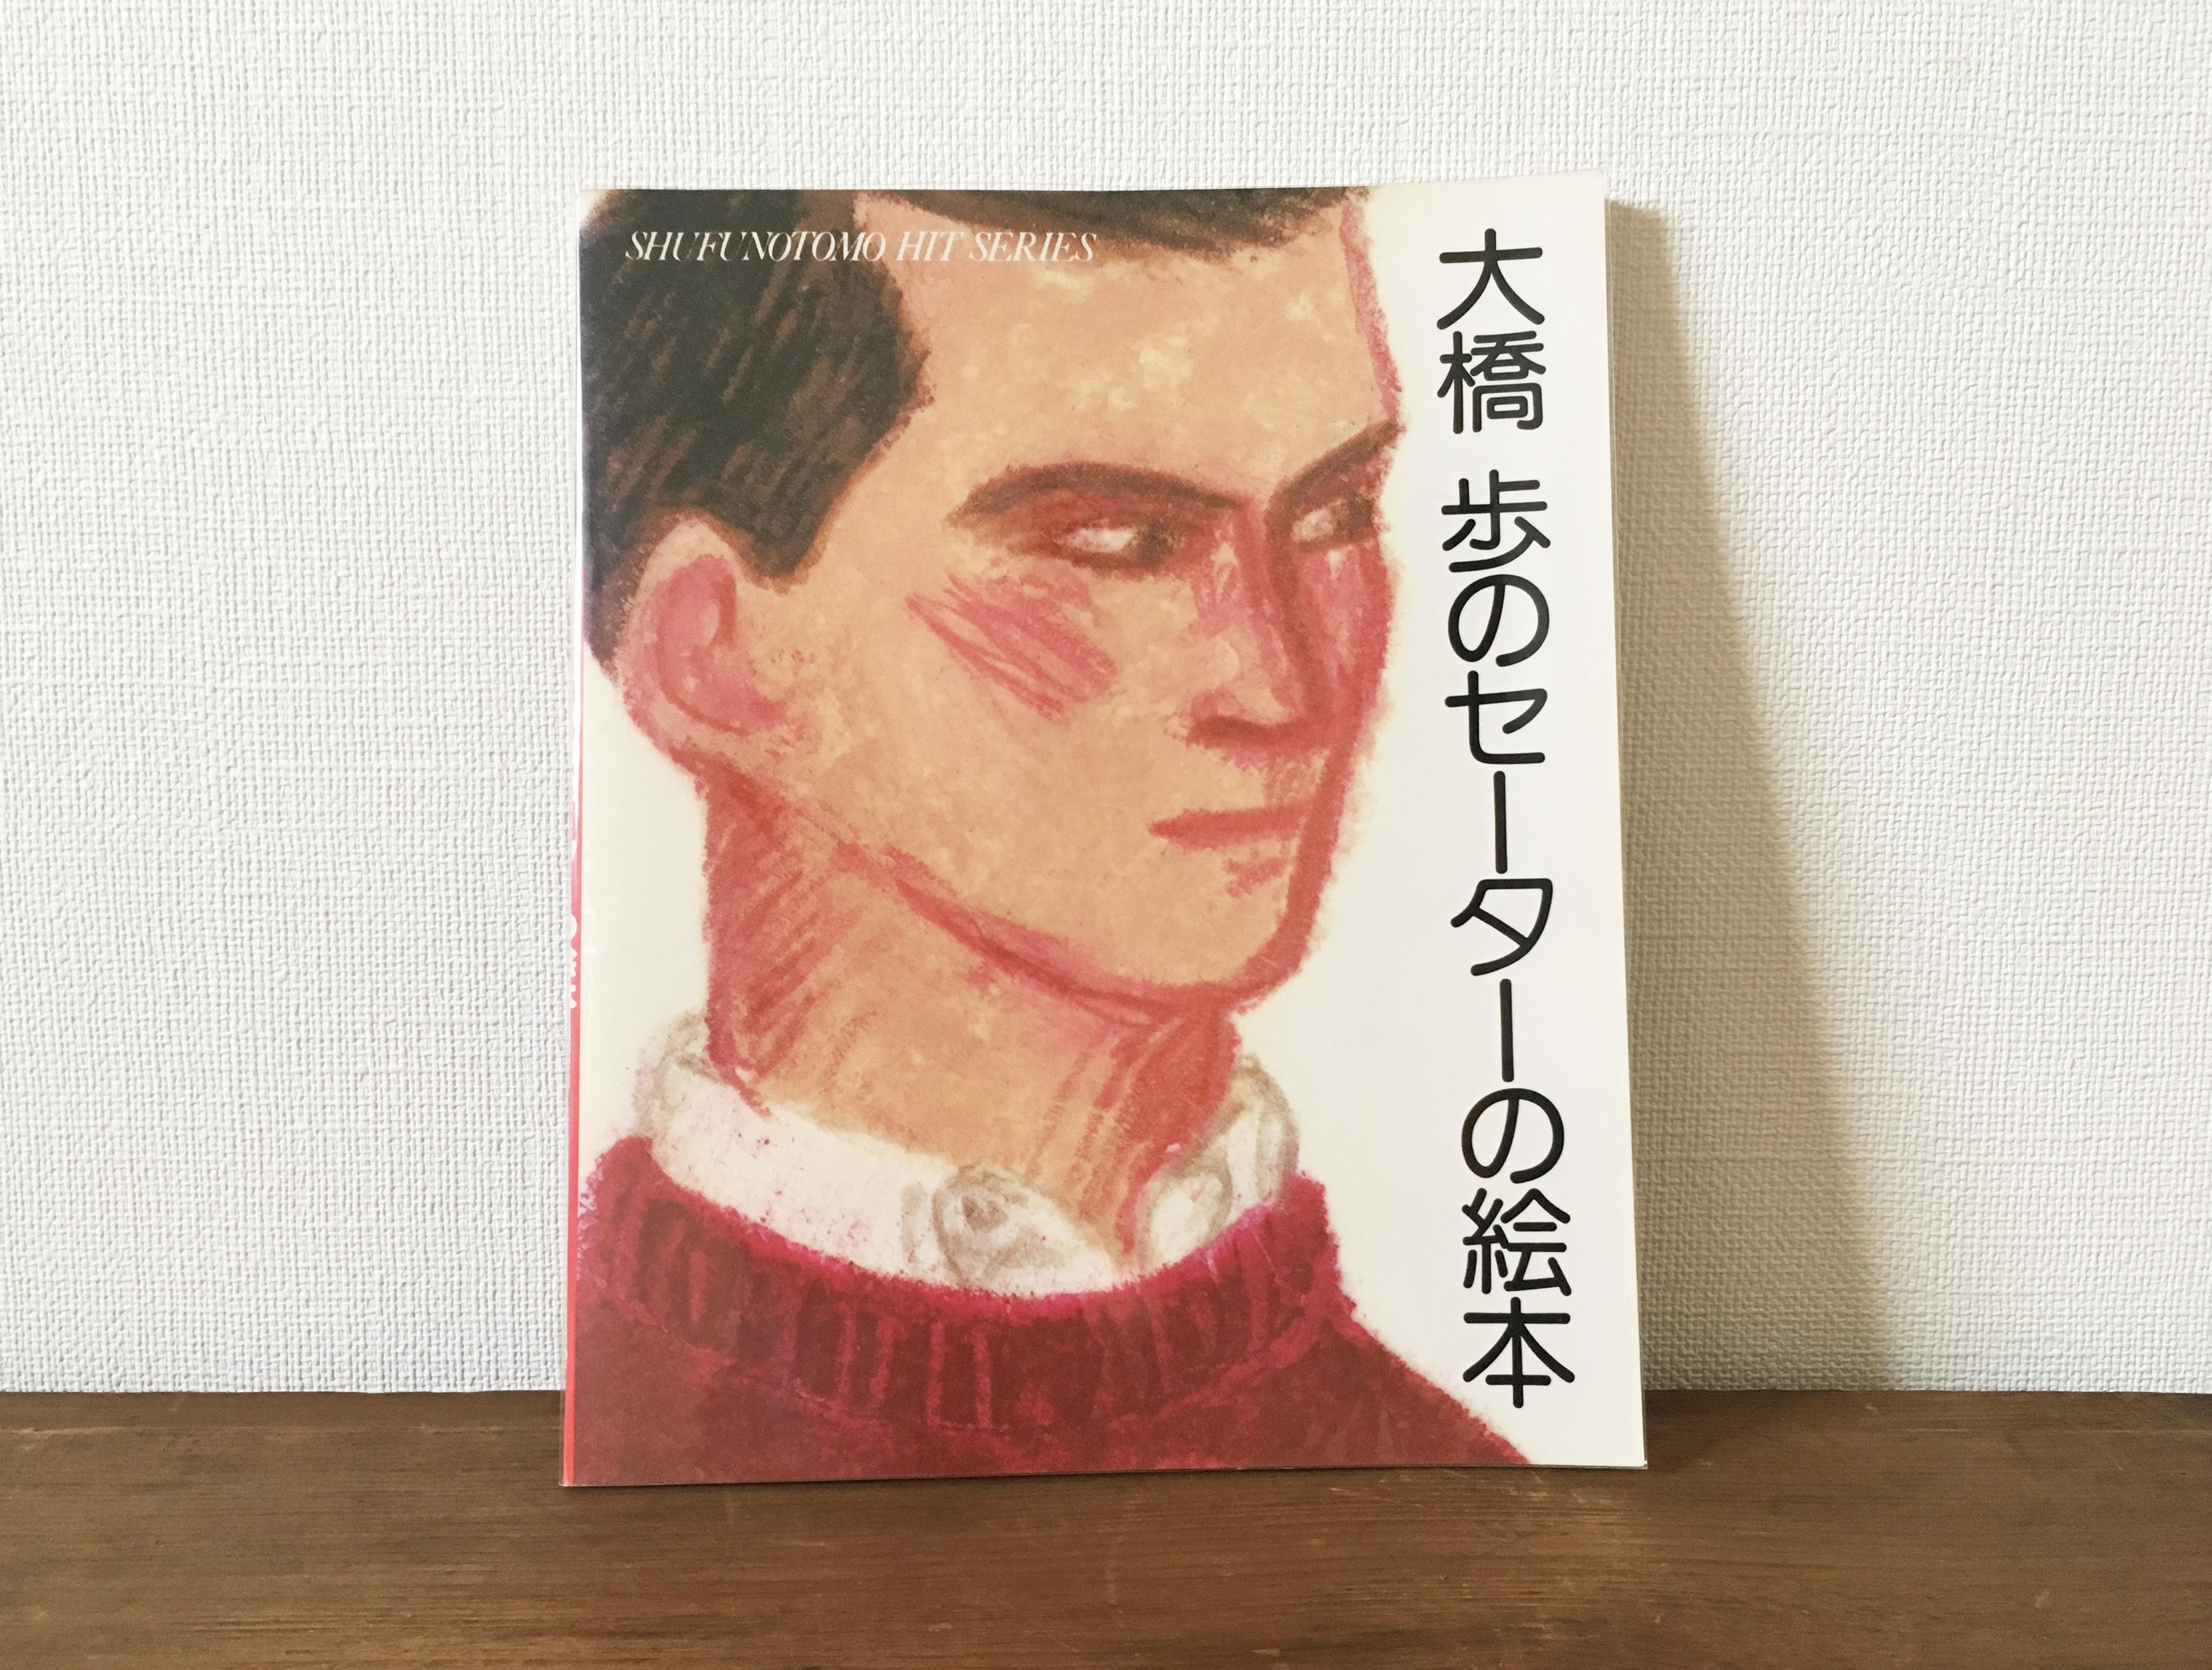 [古本]大橋 歩のセーターの絵本(主婦の友ヒットシリーズ)